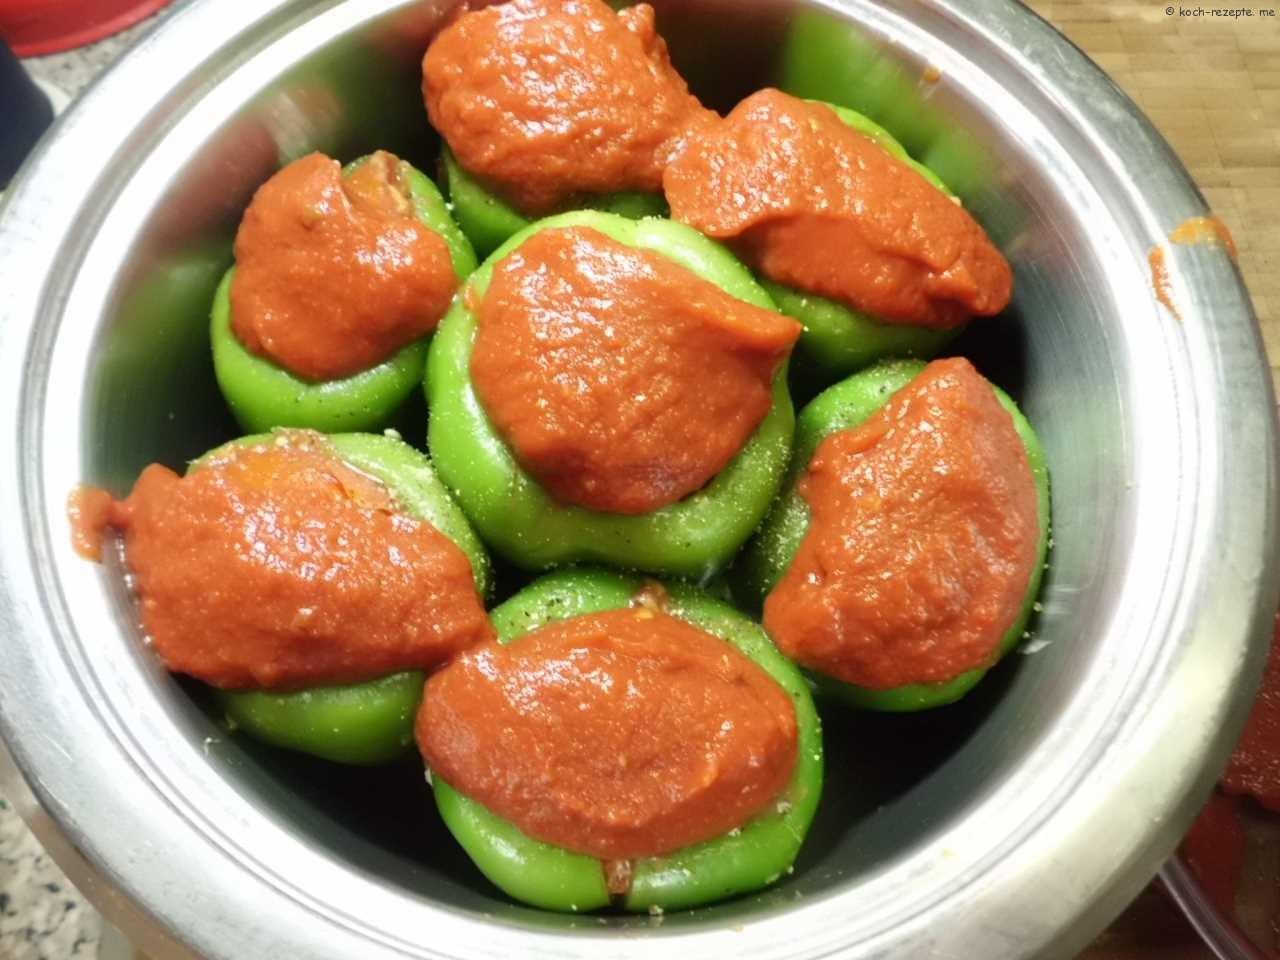 den Rest Tomatenpüree auf die Paprika geben ein Glas Wasser dazu geben